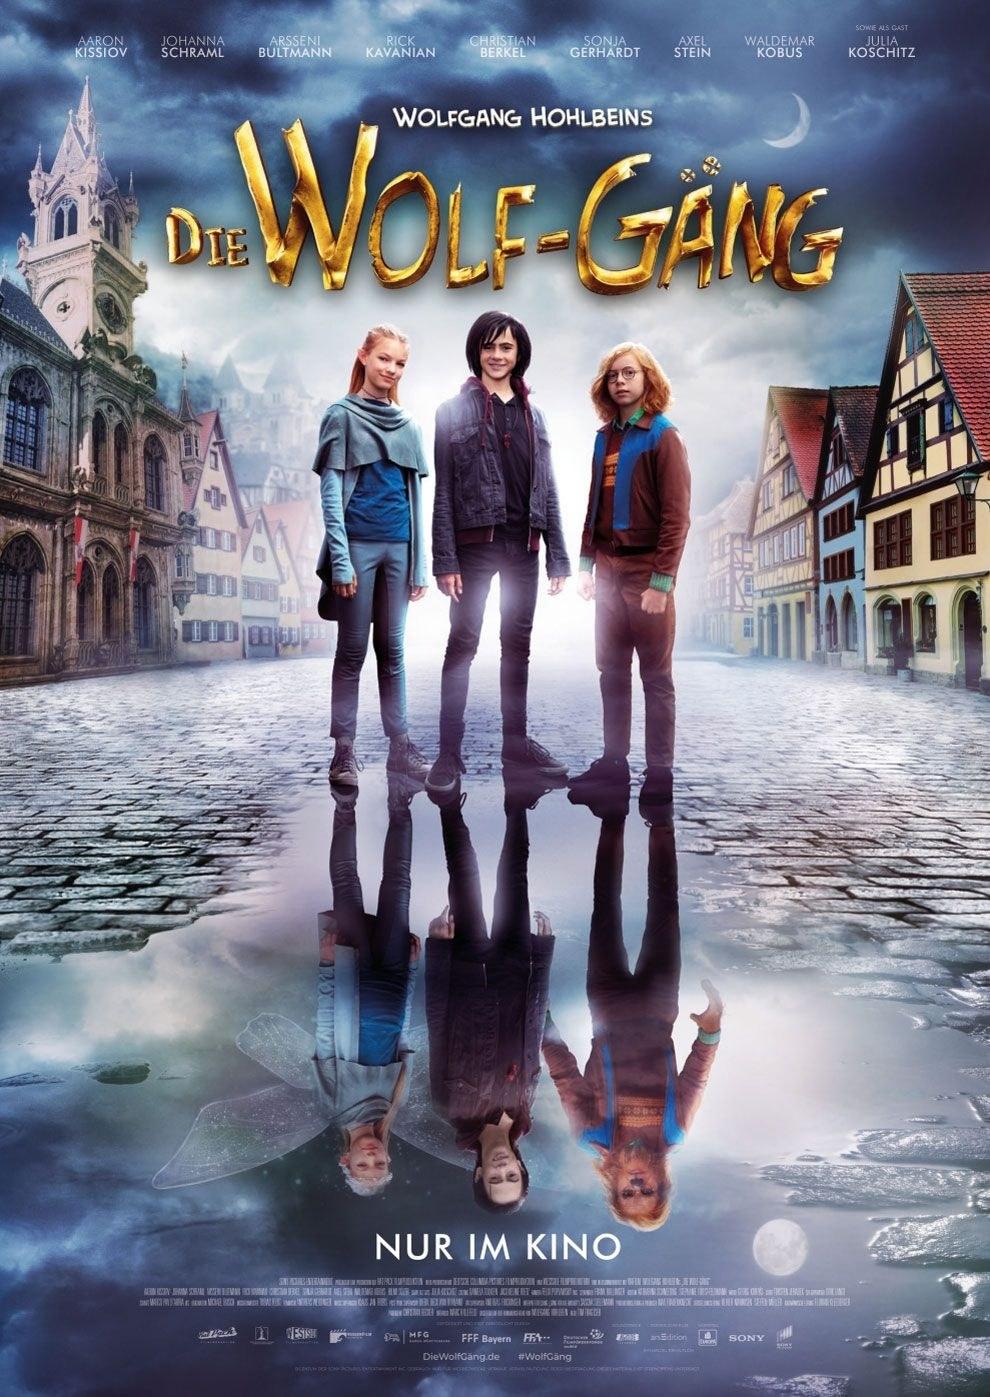 Kino Programm Wildau